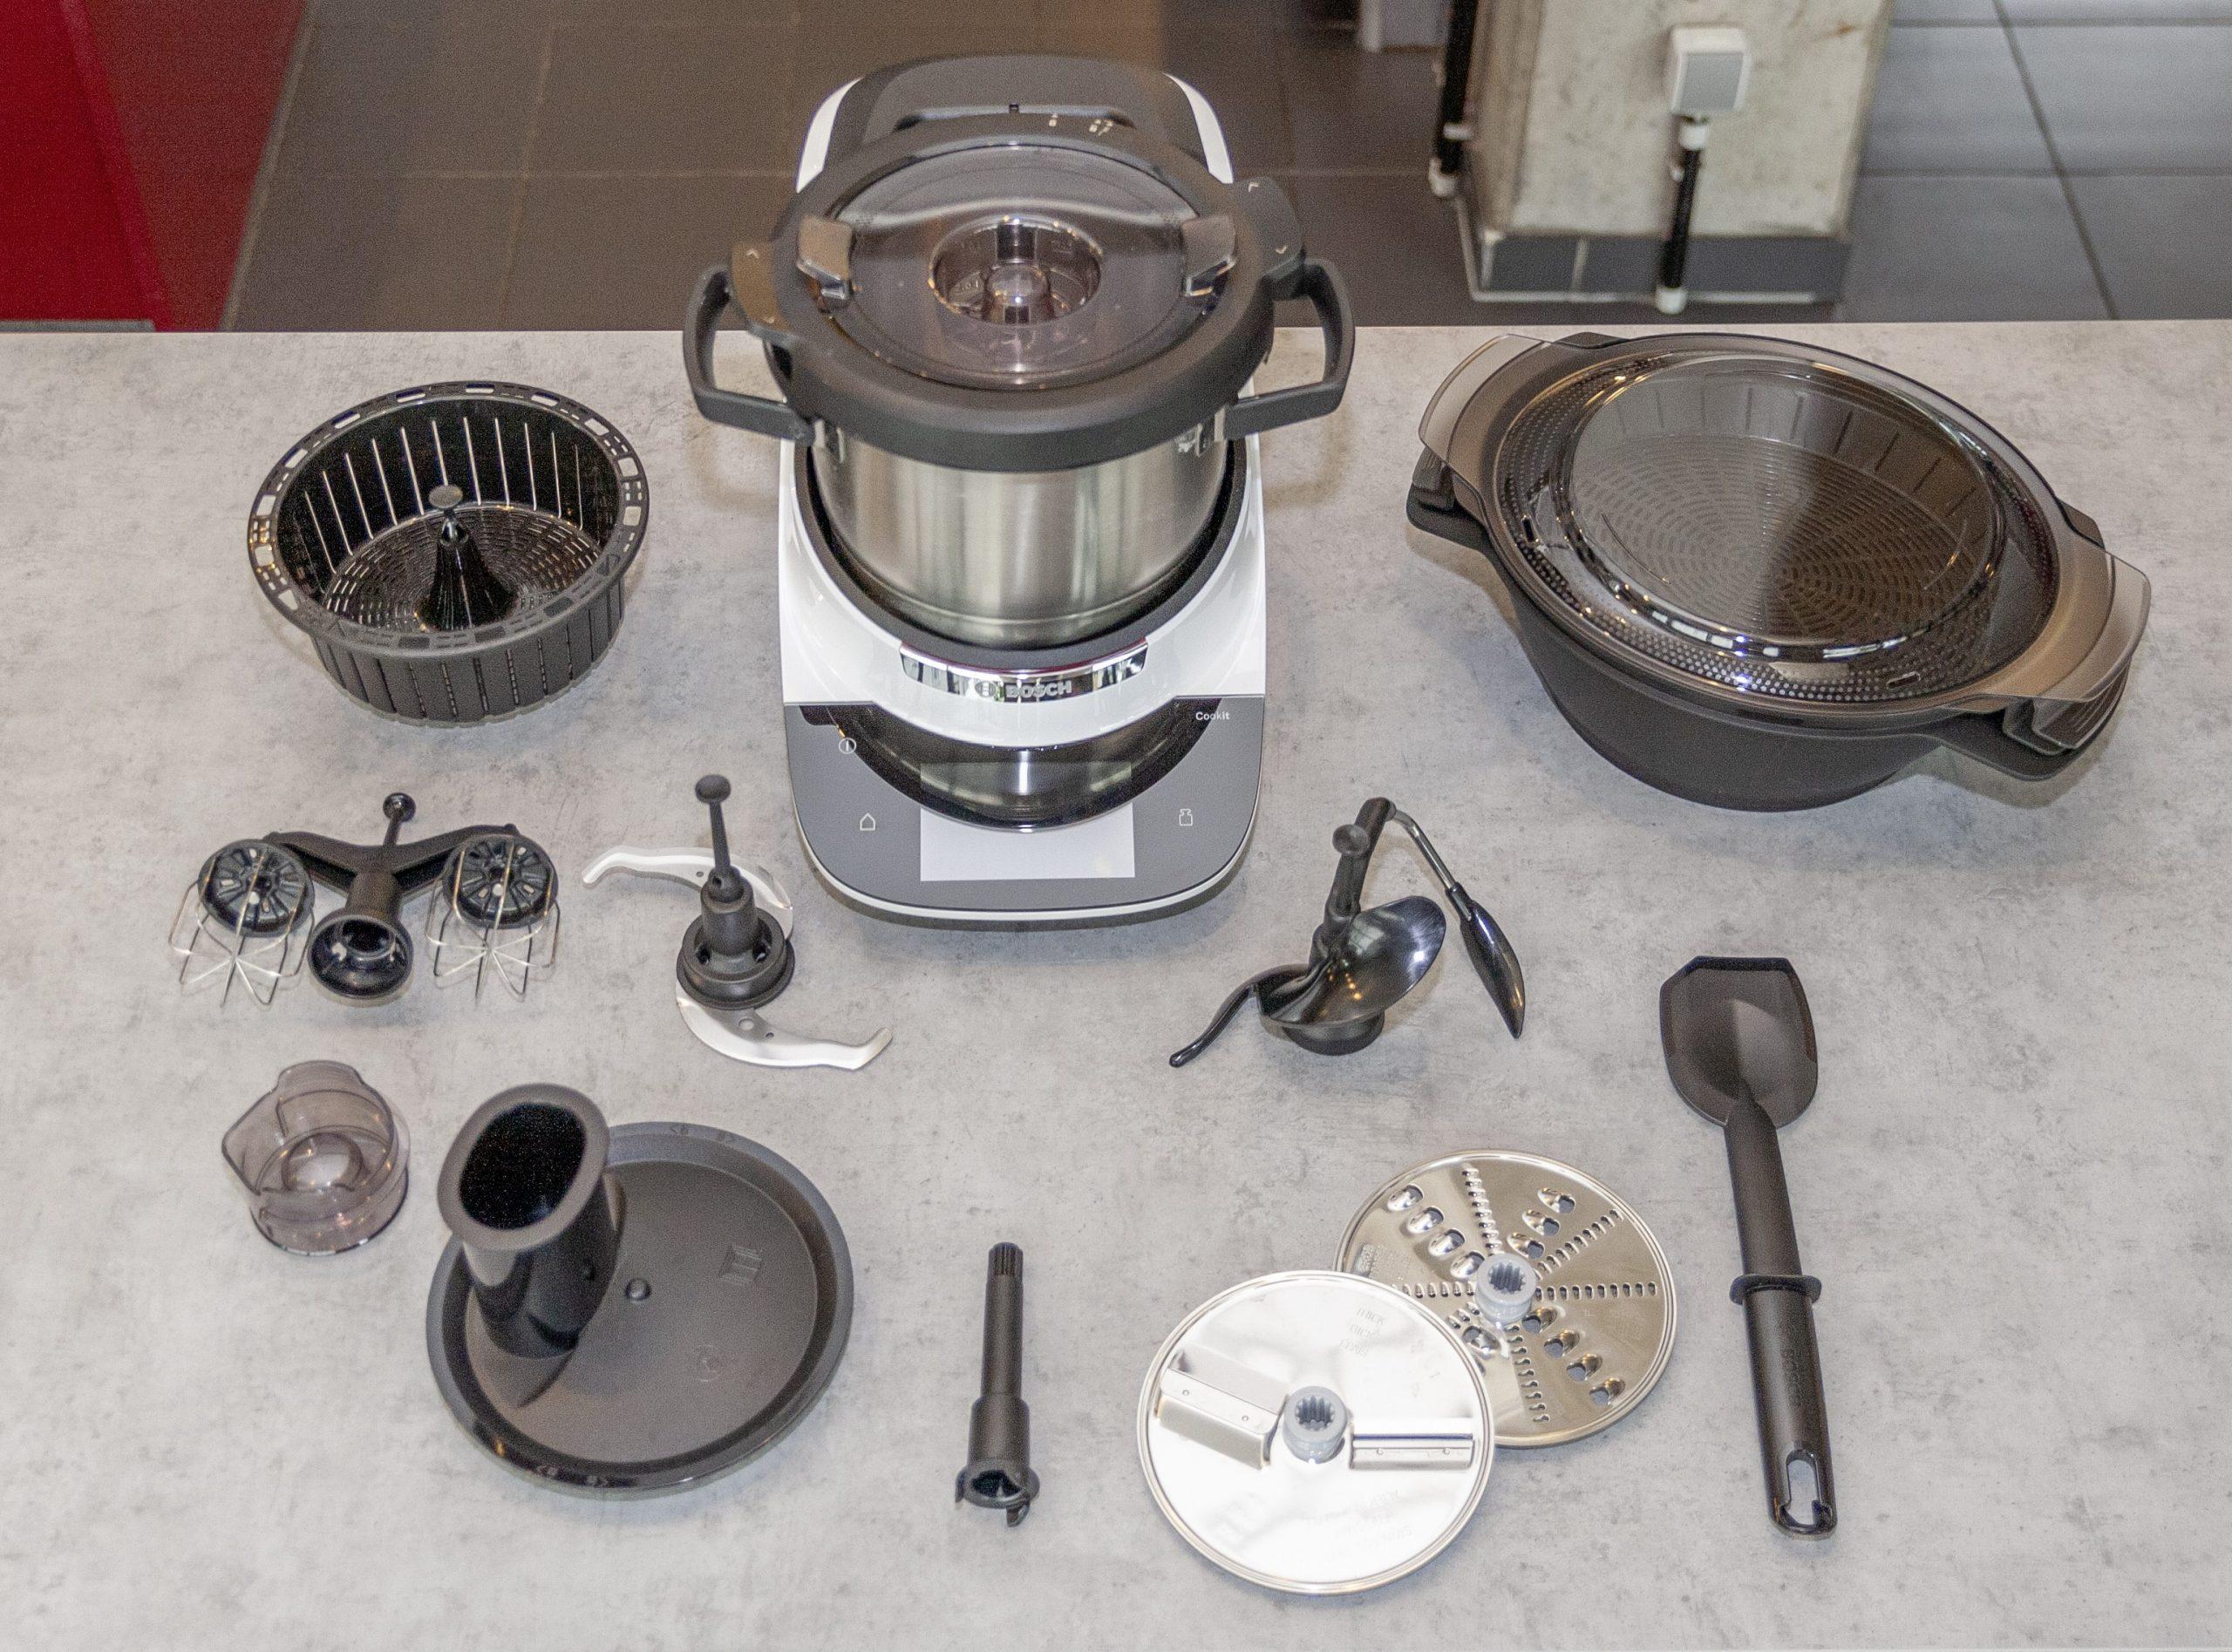 Der Cookit von Bosch, Küchenmaschine mit viel Zubehör